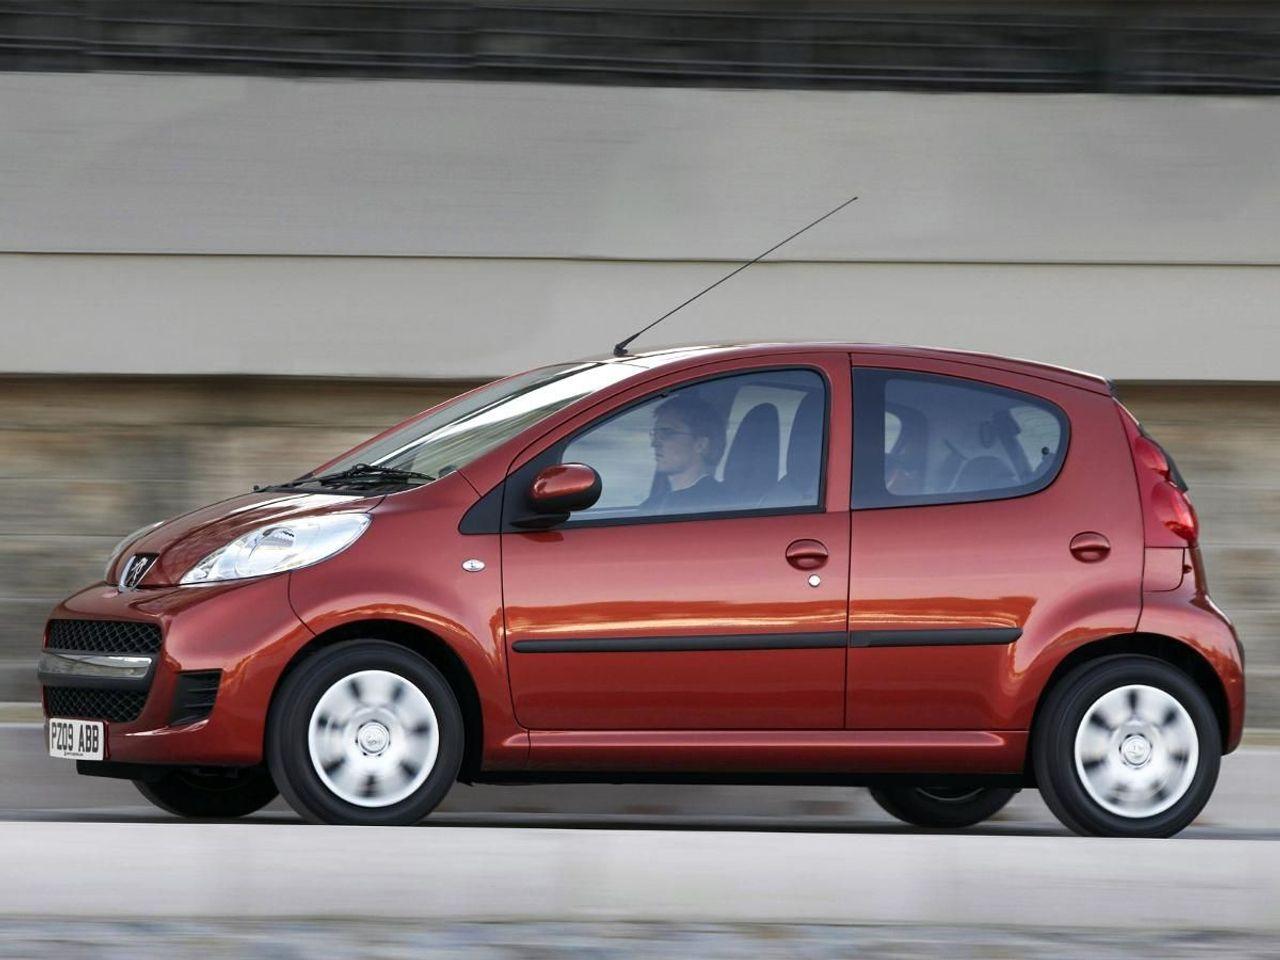 Peugeot 107 Hatchback (2009 - 2012) review | Auto Trader UK